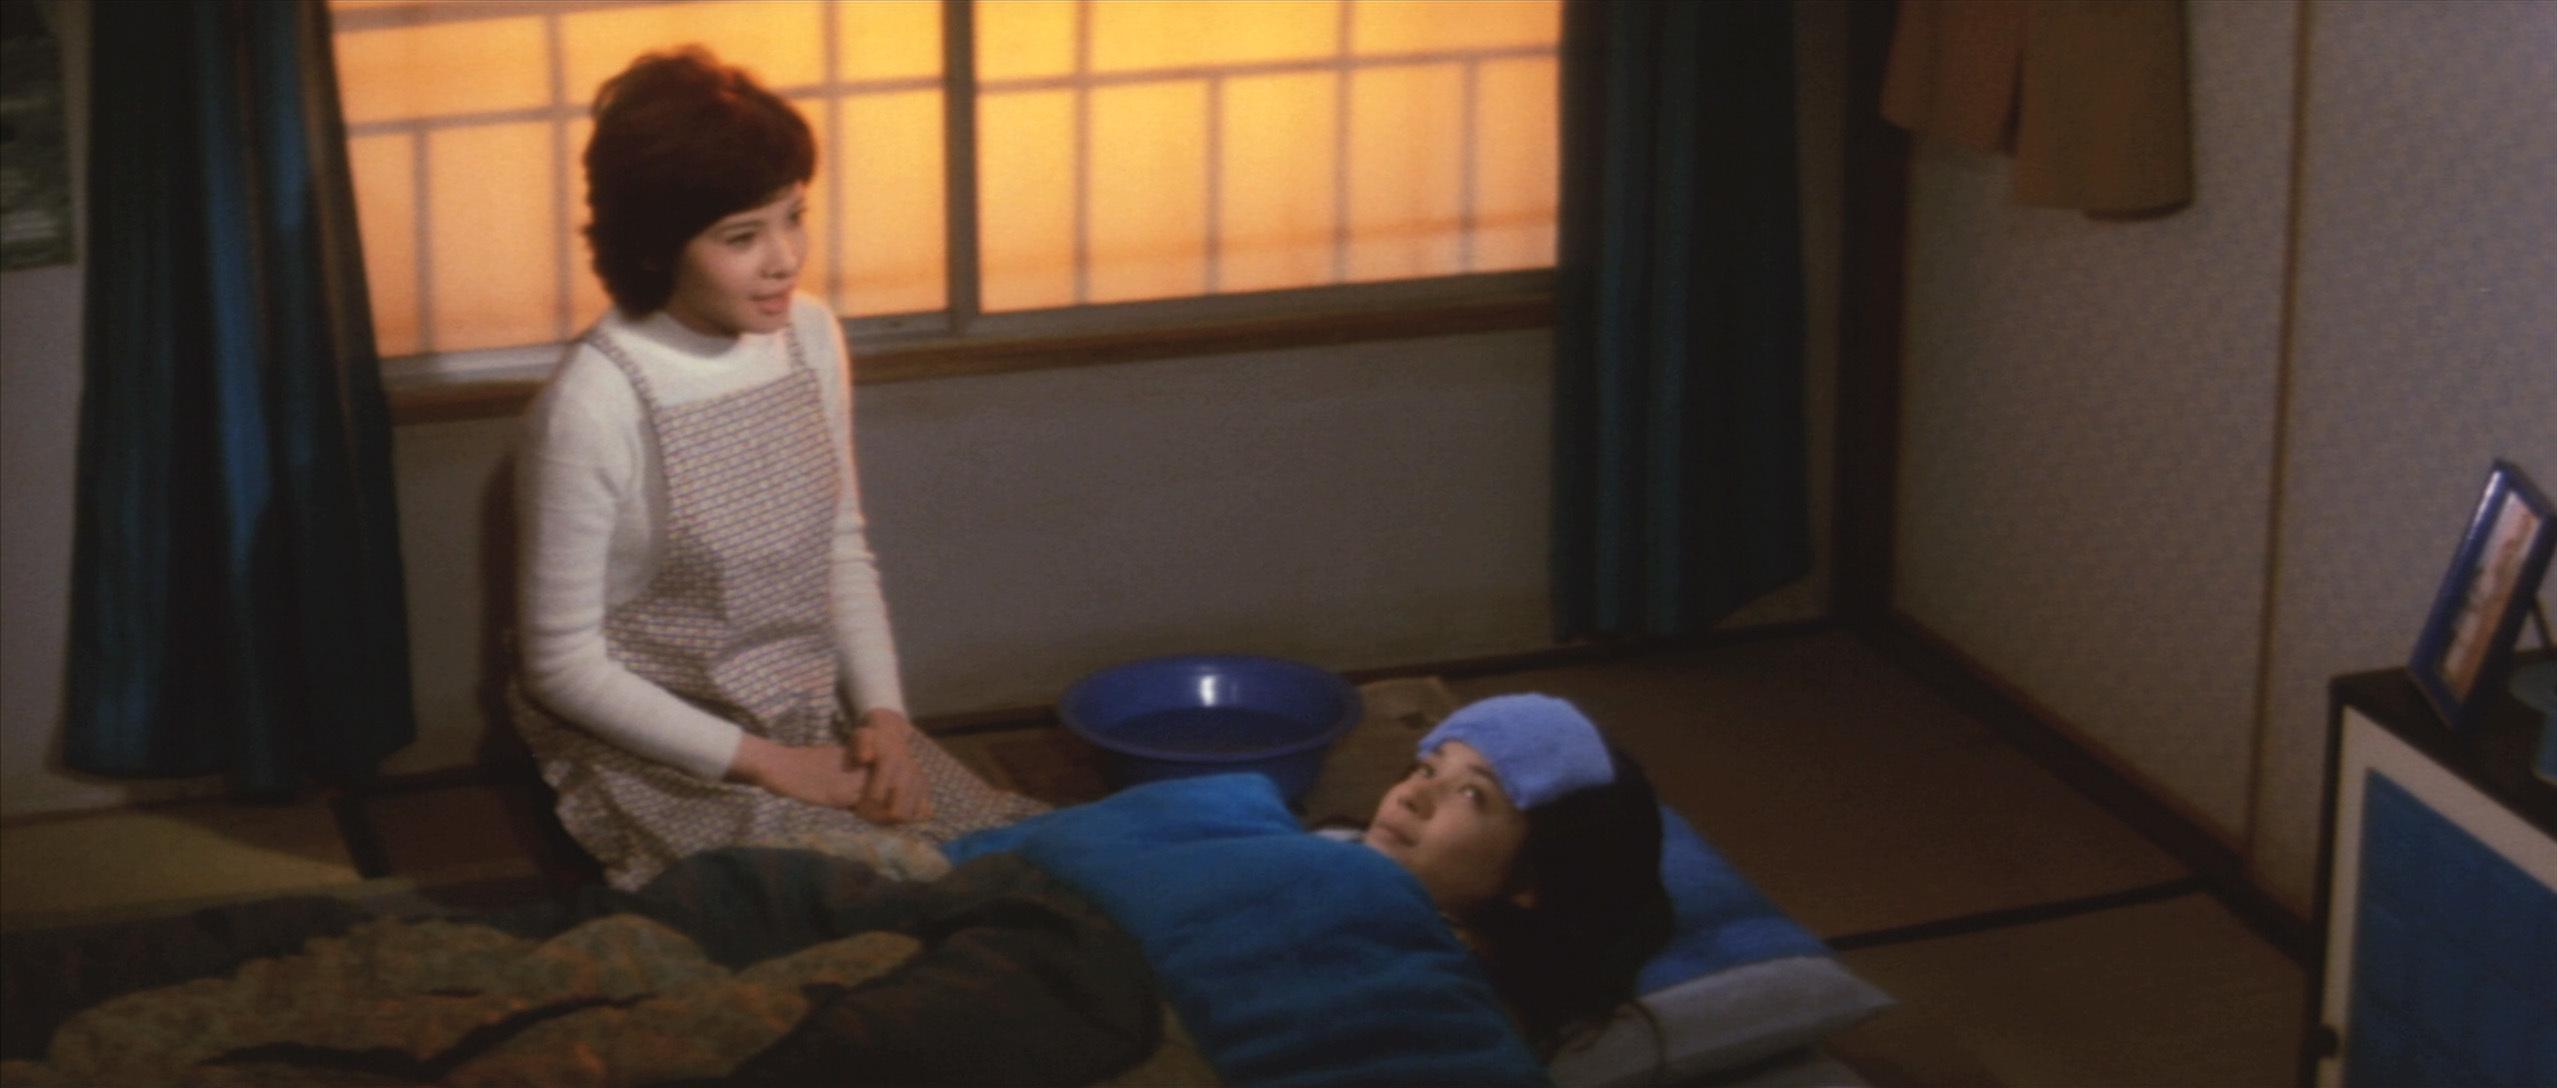 ひし美ゆり子(Yuriko Hishimi)「同棲時代」(1973)《Part2》_e0042361_19583772.jpg